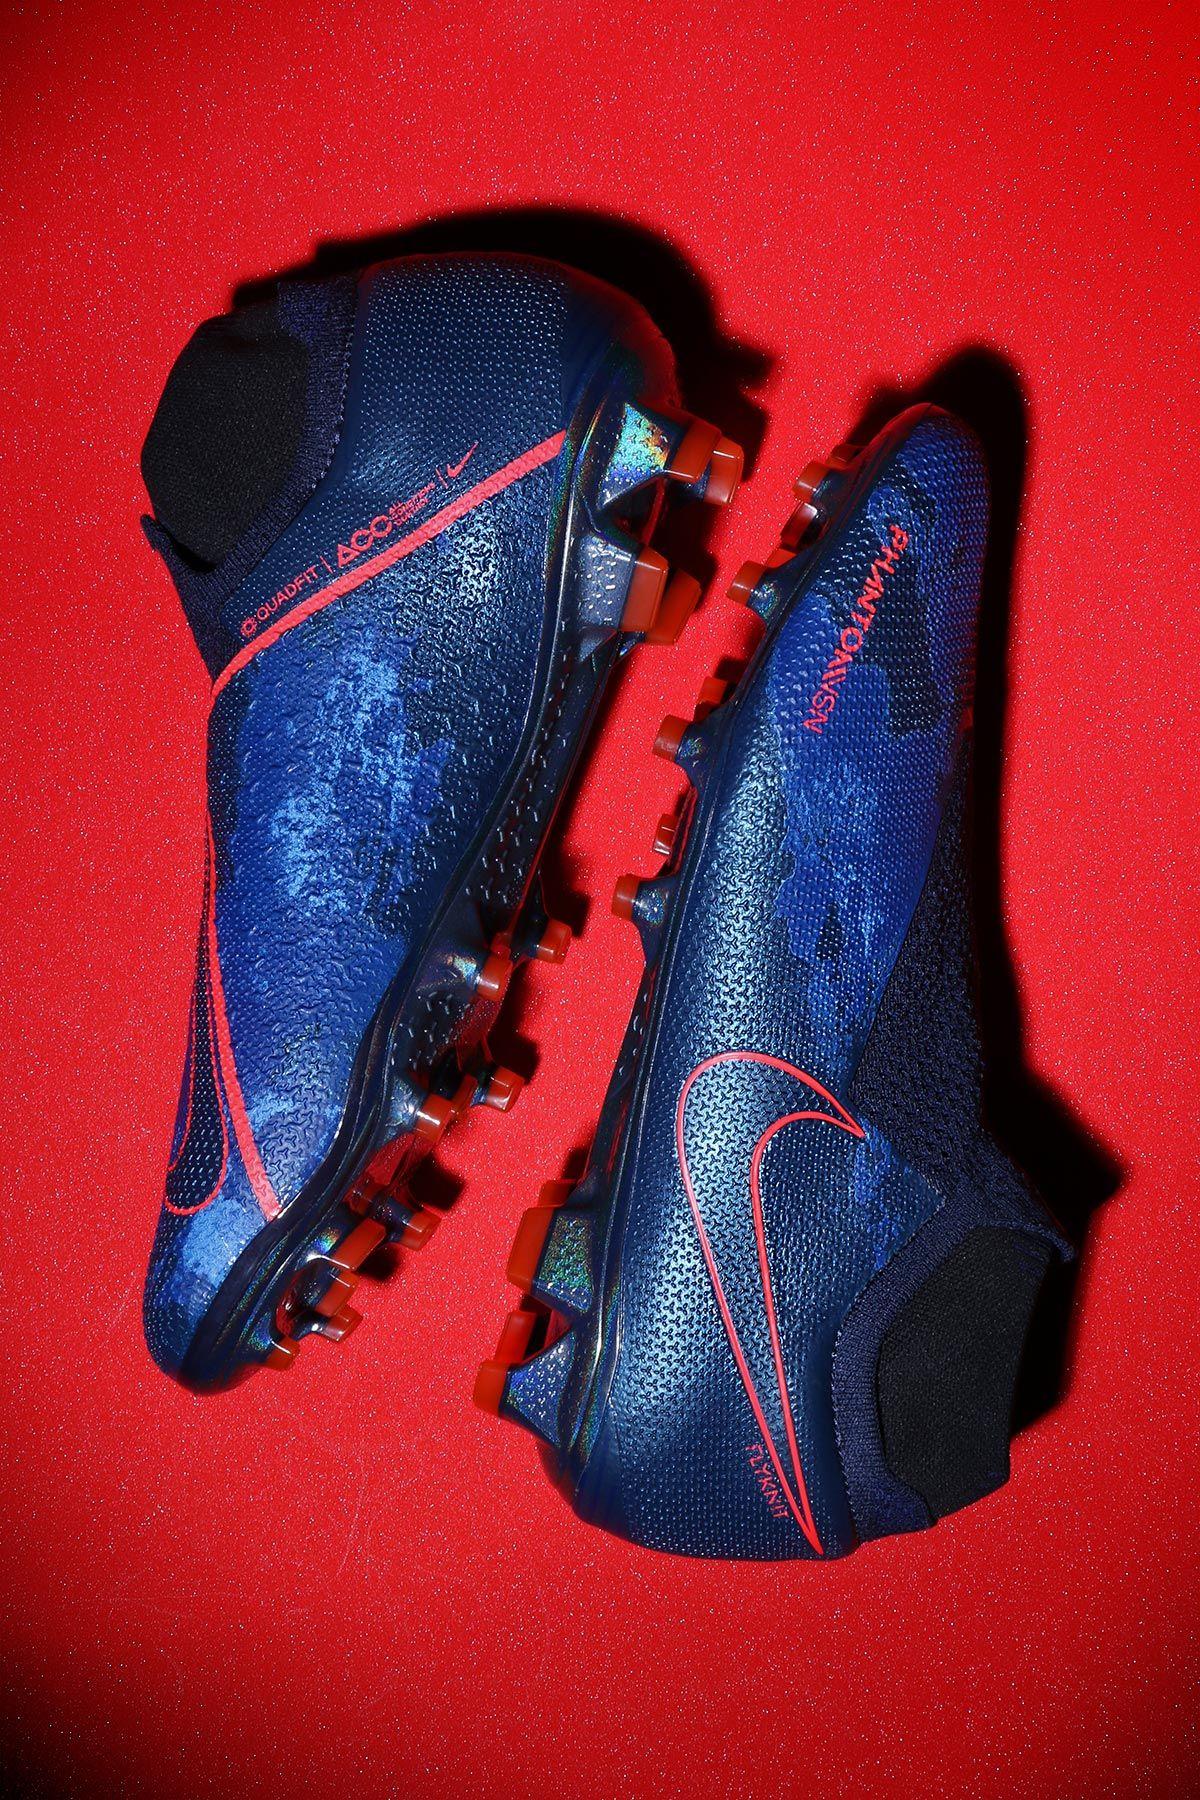 da66f72d31 📌Nike Phantom Vision Elite DF FG 🌩 Botas de fútbol Nike con tobillera MG para  césped natural y artificial de última generación - azules.